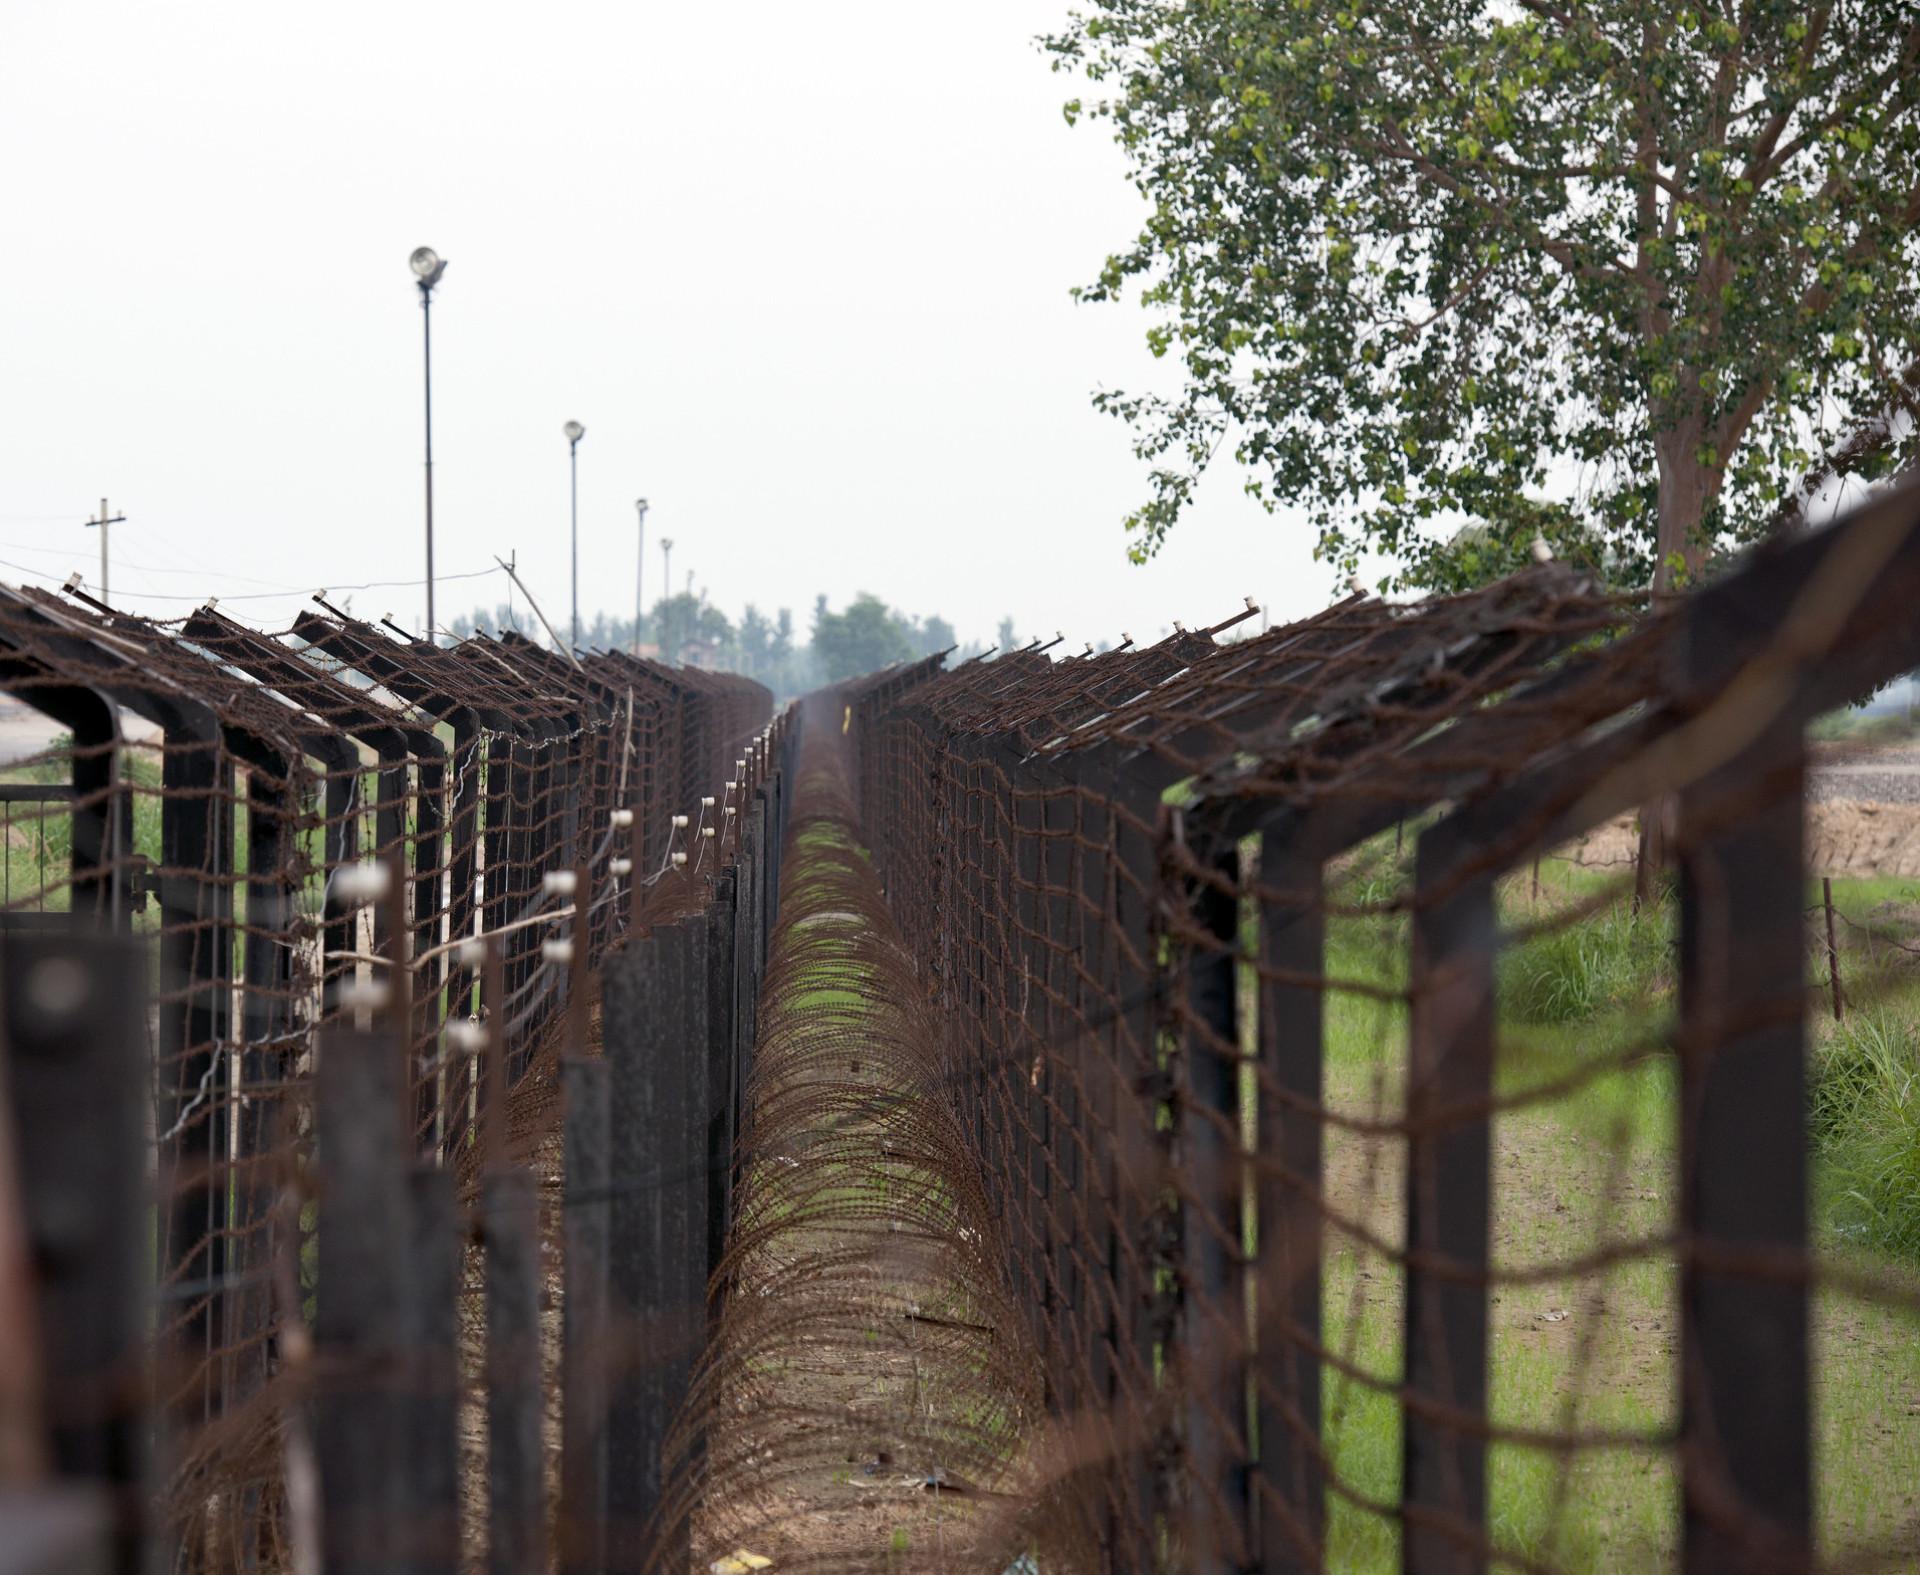 Verdens farligste landegrænser du ikke tør krydse